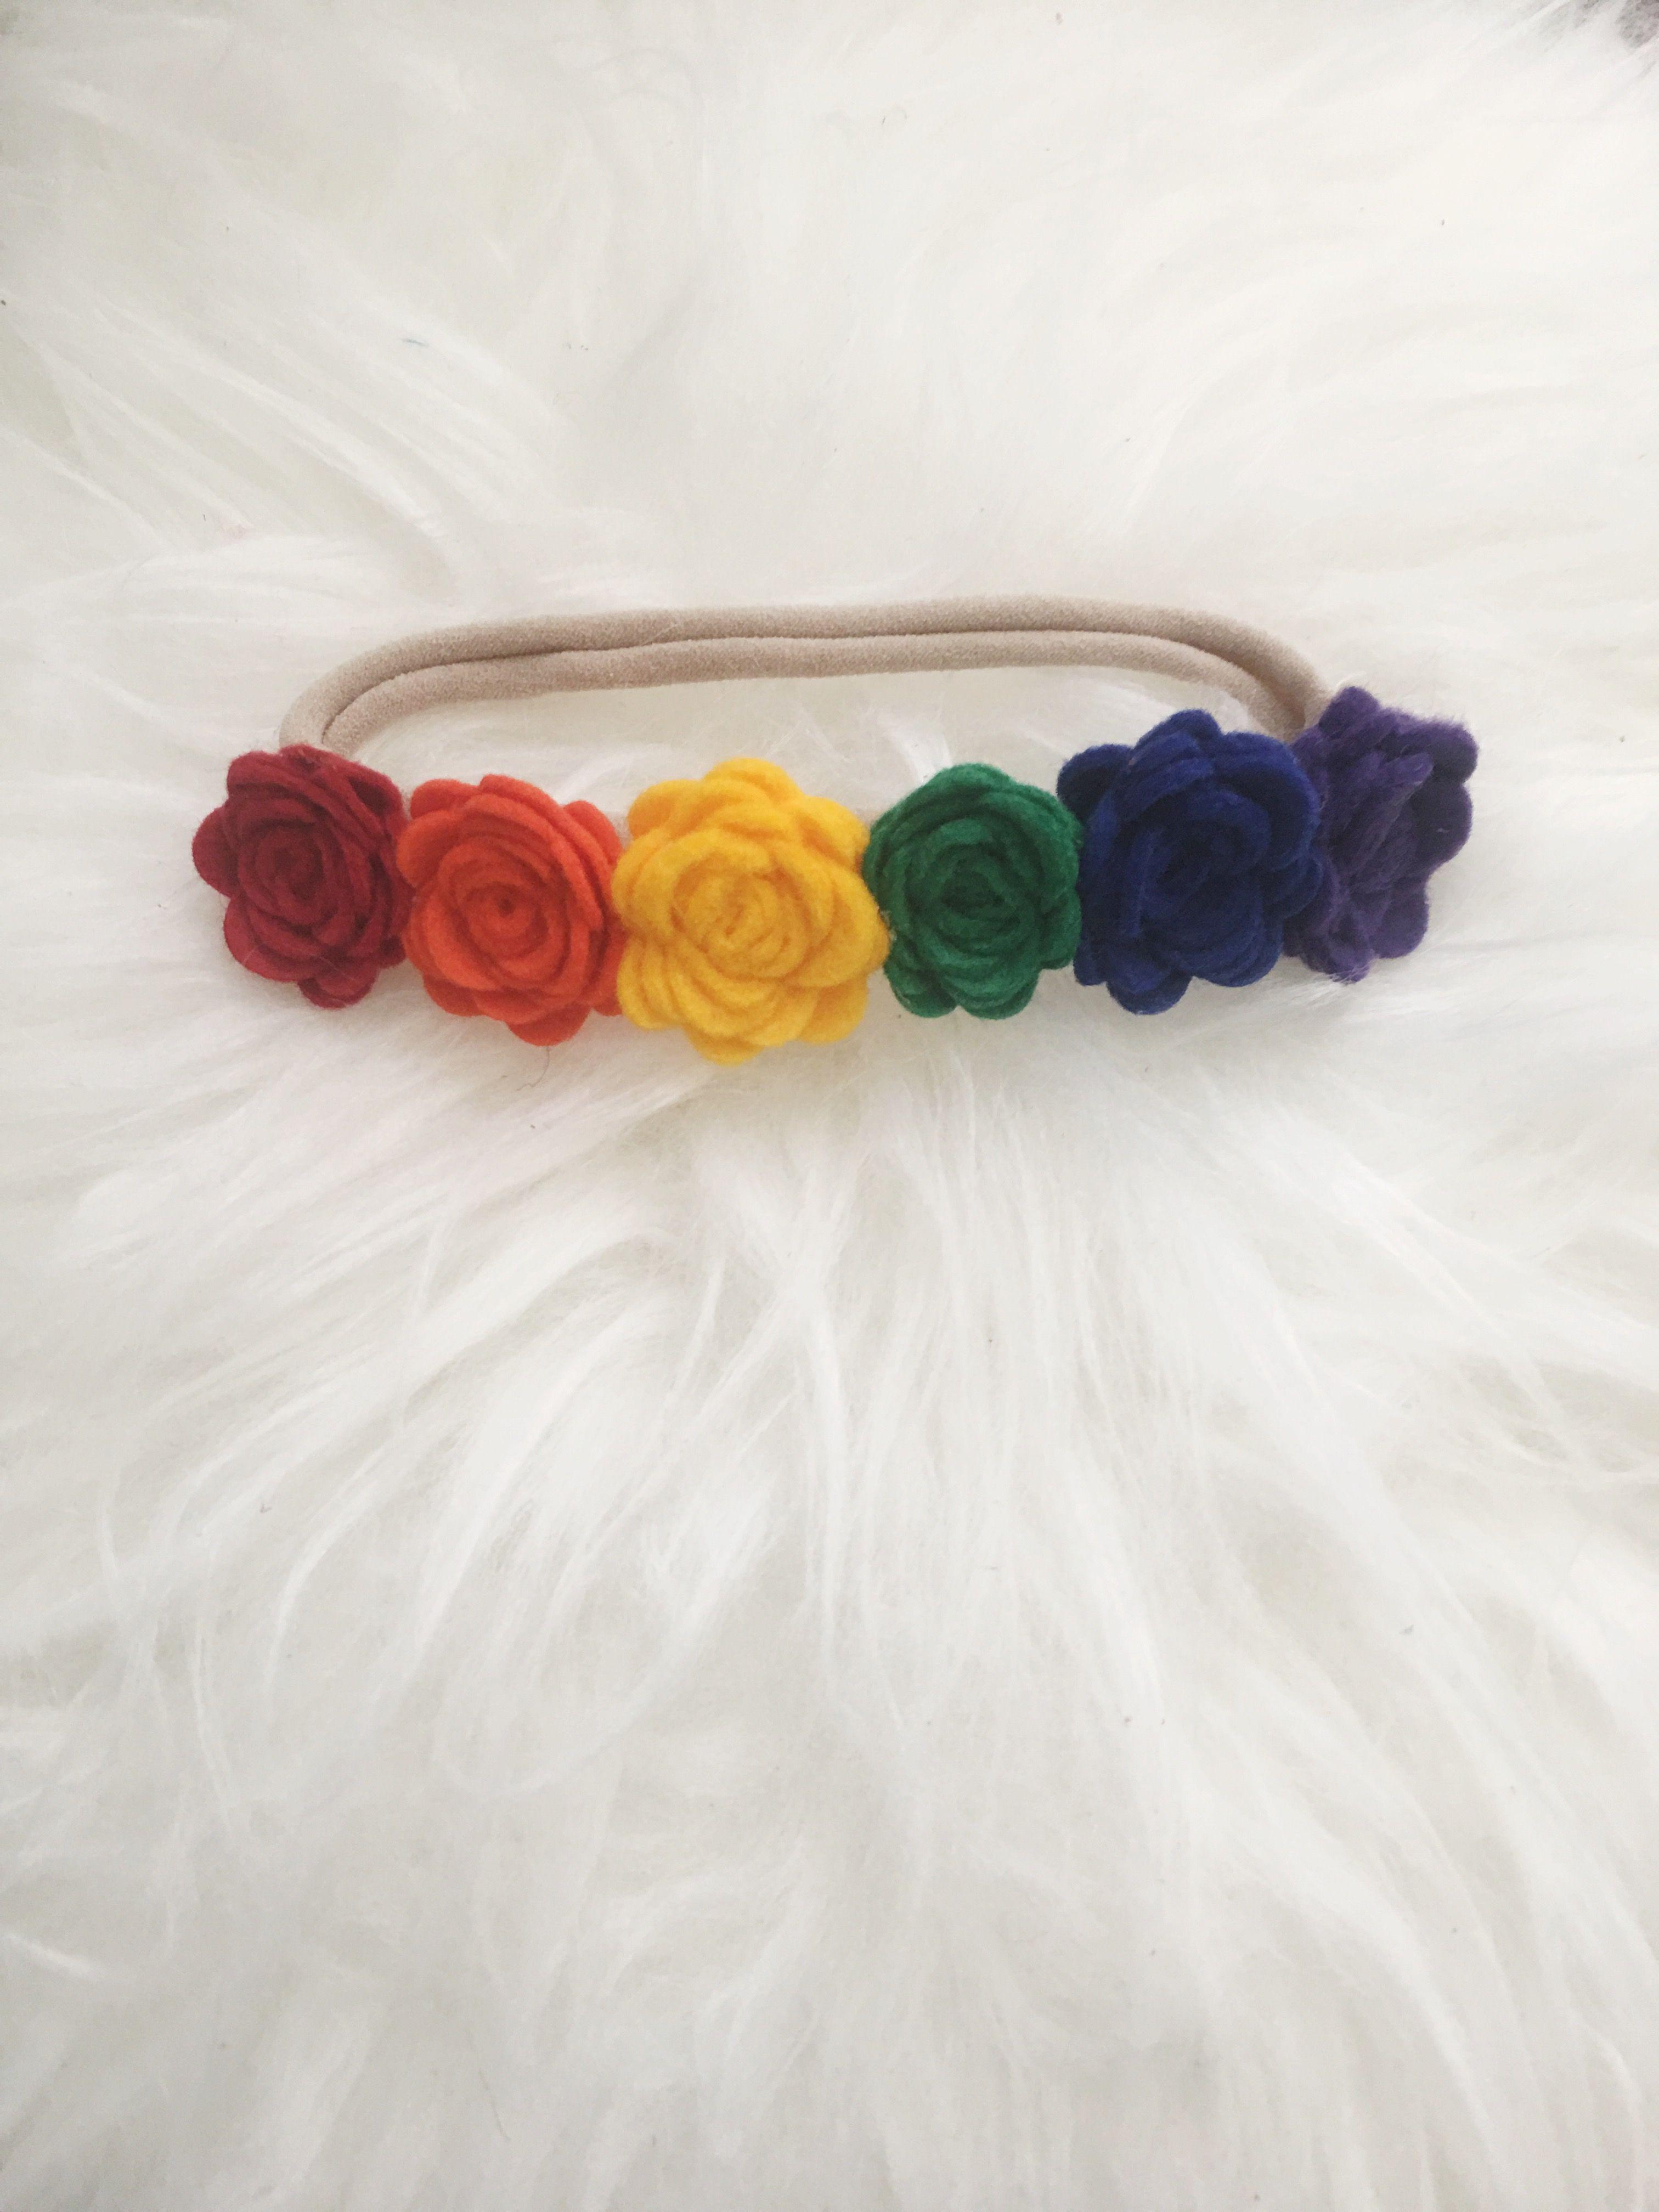 rainbow baby nylon headbands baby headbands nylon baby headband infant  headband  89f703ffbc0